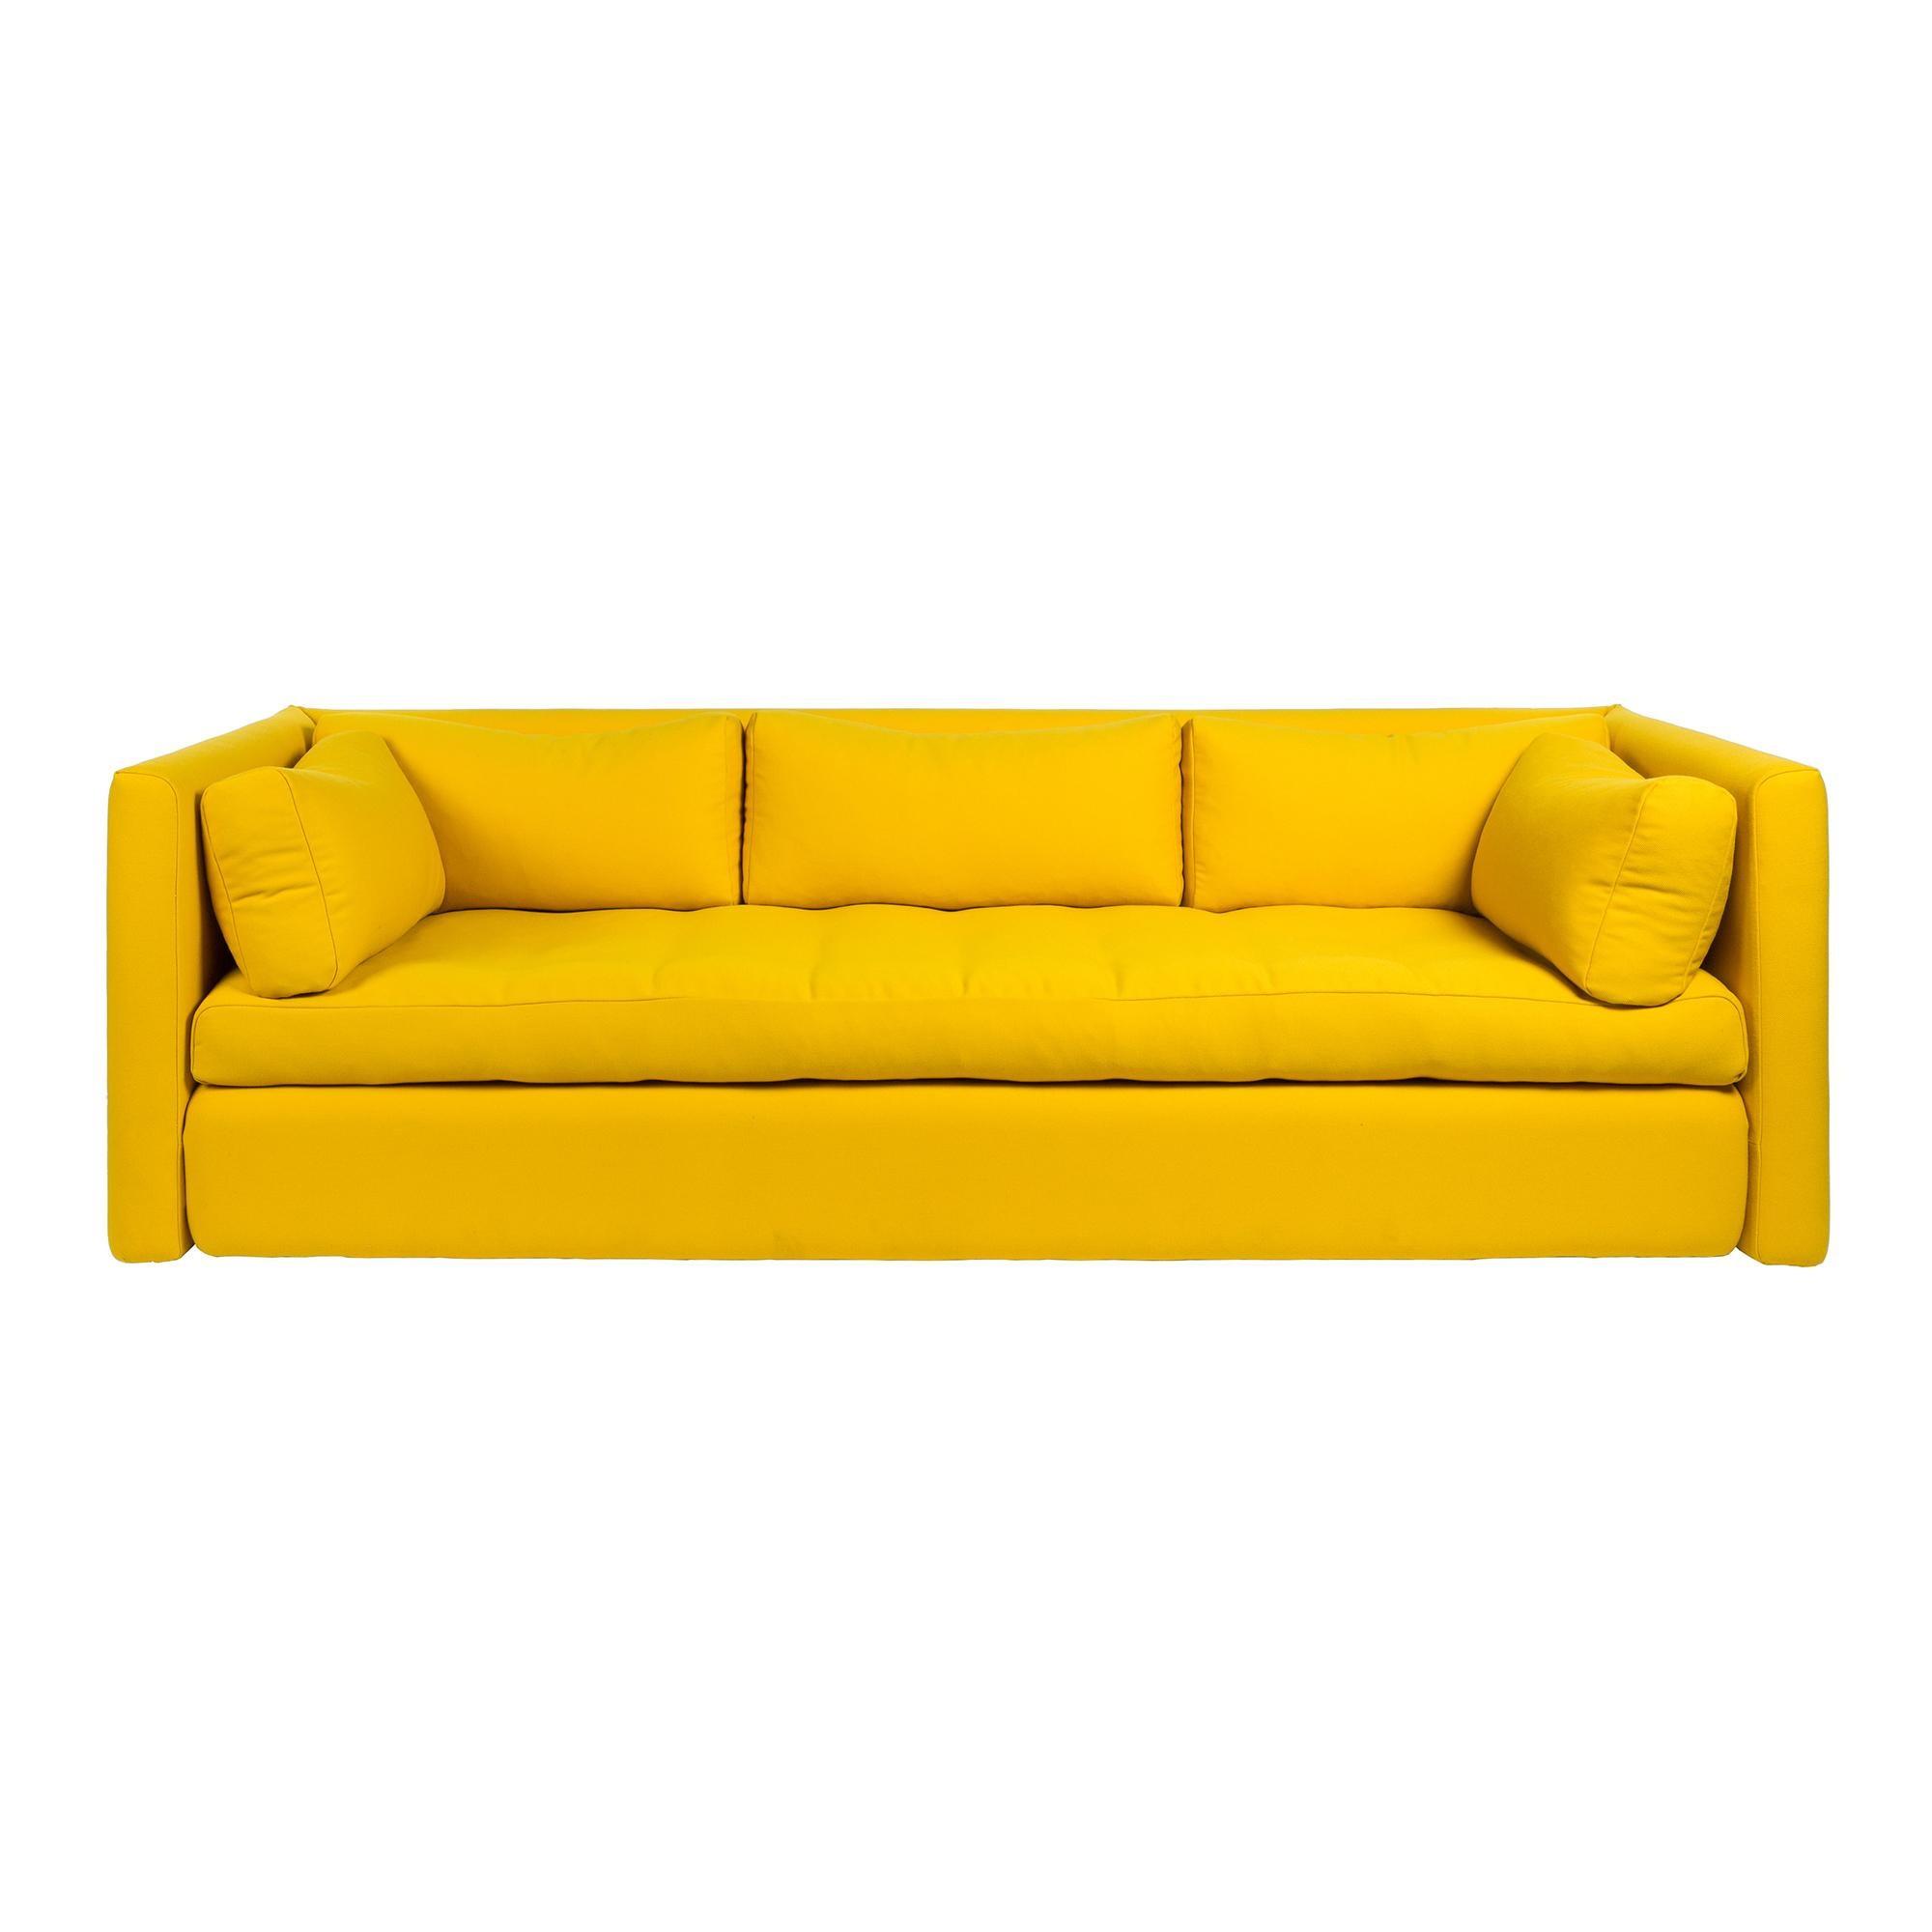 Full Size of Hay Hackney 3 Sitzer Sofa Ambientedirect Kleines Wohnzimmer Bunt Xxxl Breit Ewald Schillig Mit Elektrischer Sitztiefenverstellung Halbrundes In L Form Großes Sofa Sofa Gelb